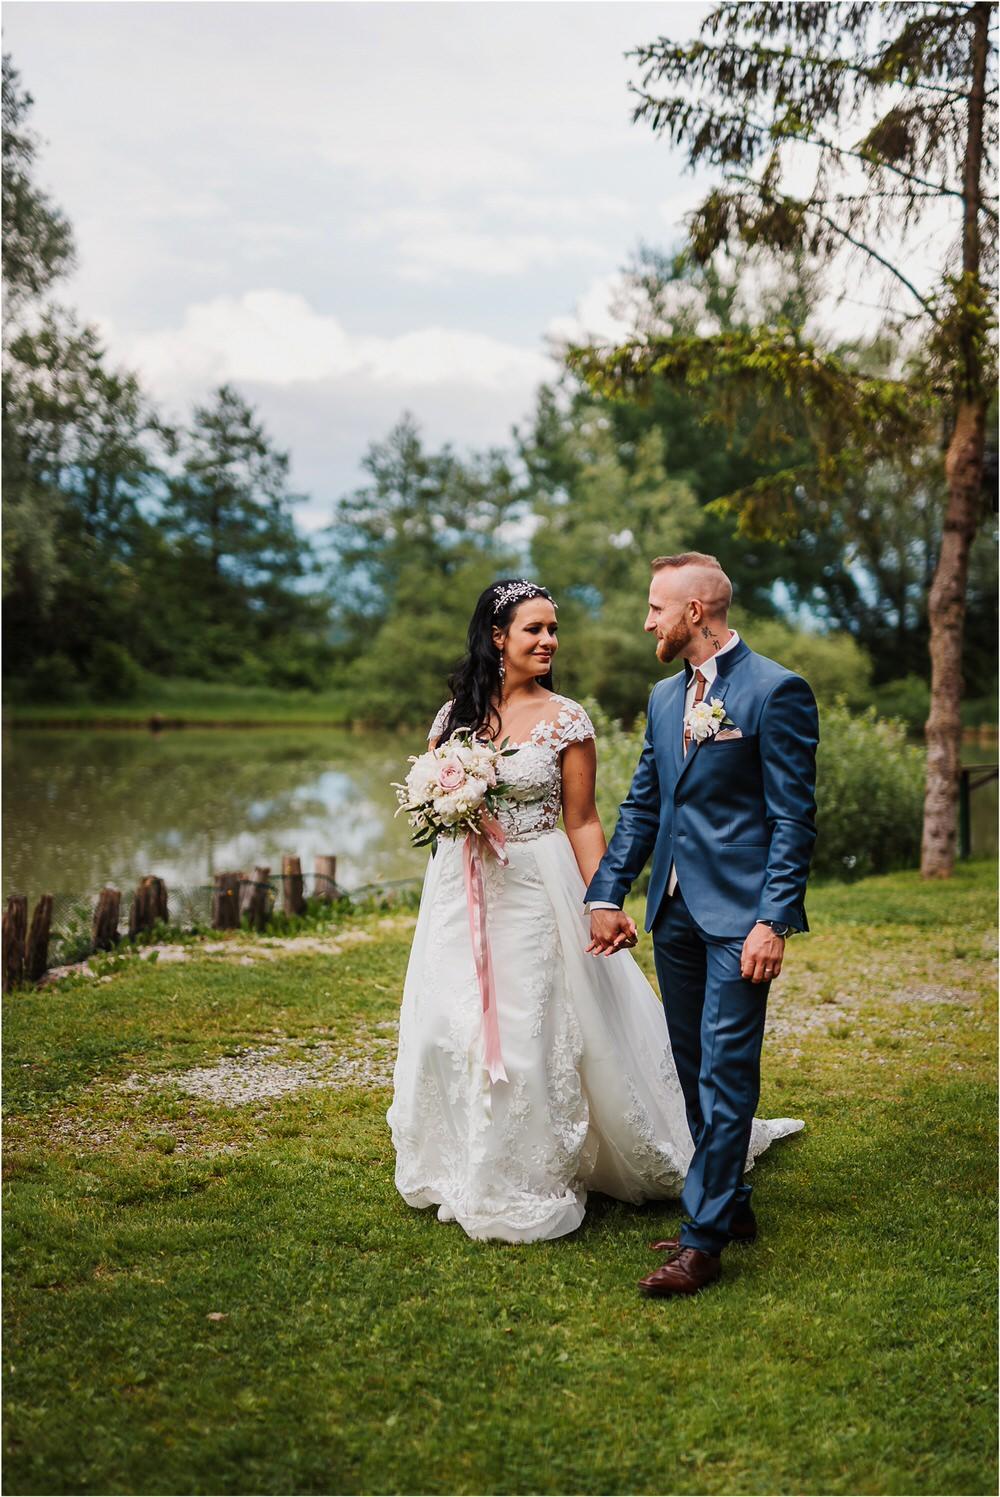 skedenj poroka porocni fotograf fotografiranje elegantna poroka rustikalna poroka pod kozolcem pcakes velesovo mdetail nika grega 0071.jpg